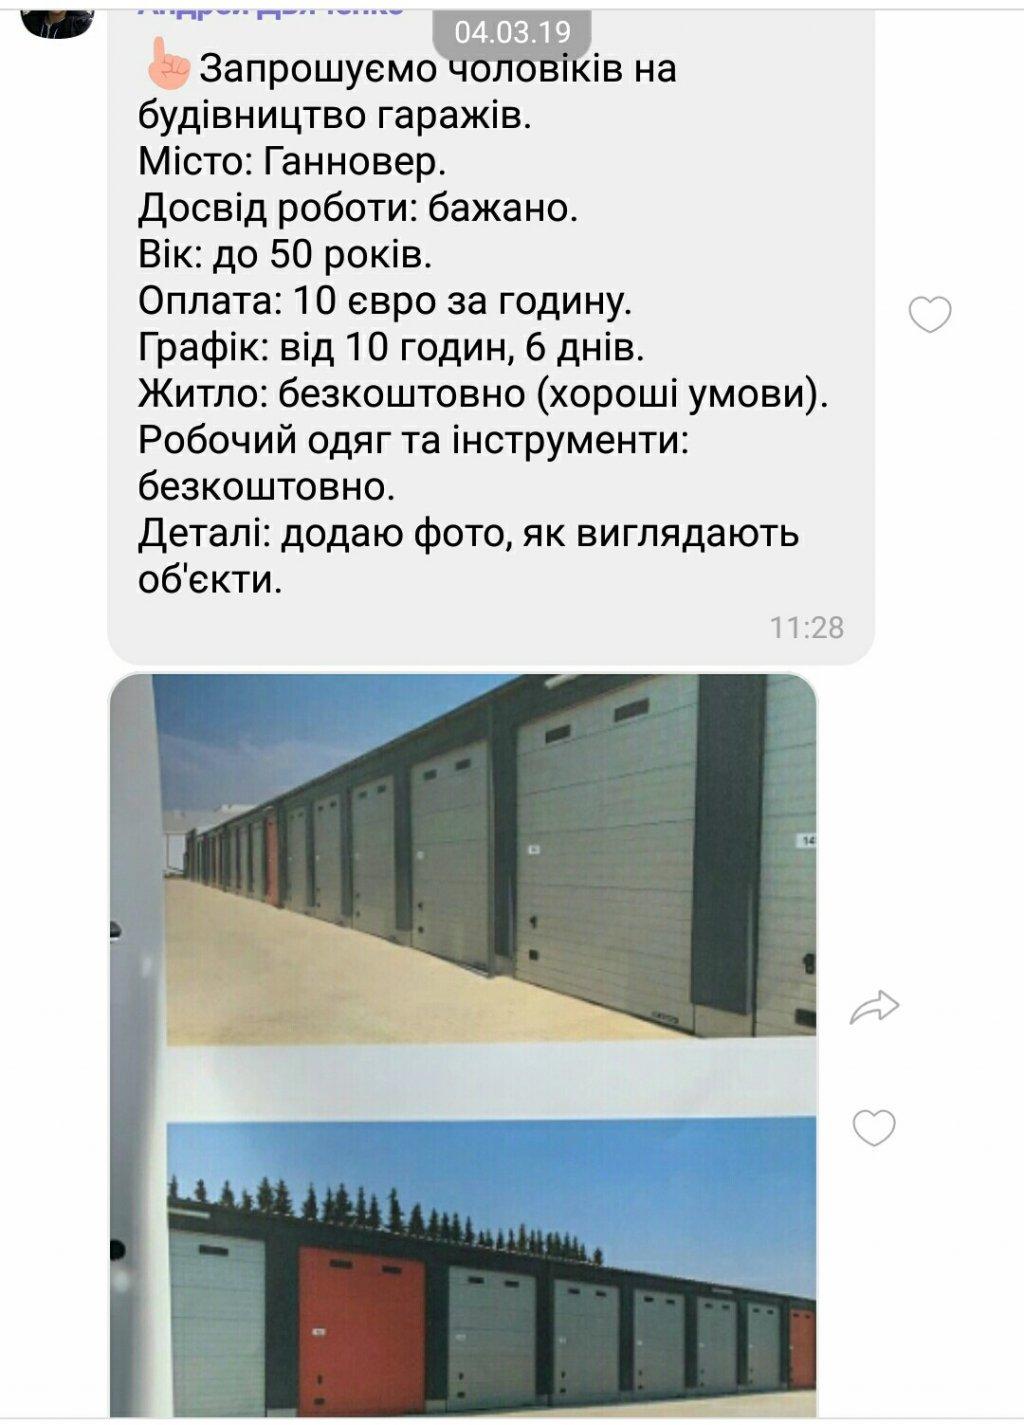 Robota центр, Ивано-Франковск - Фото переписок